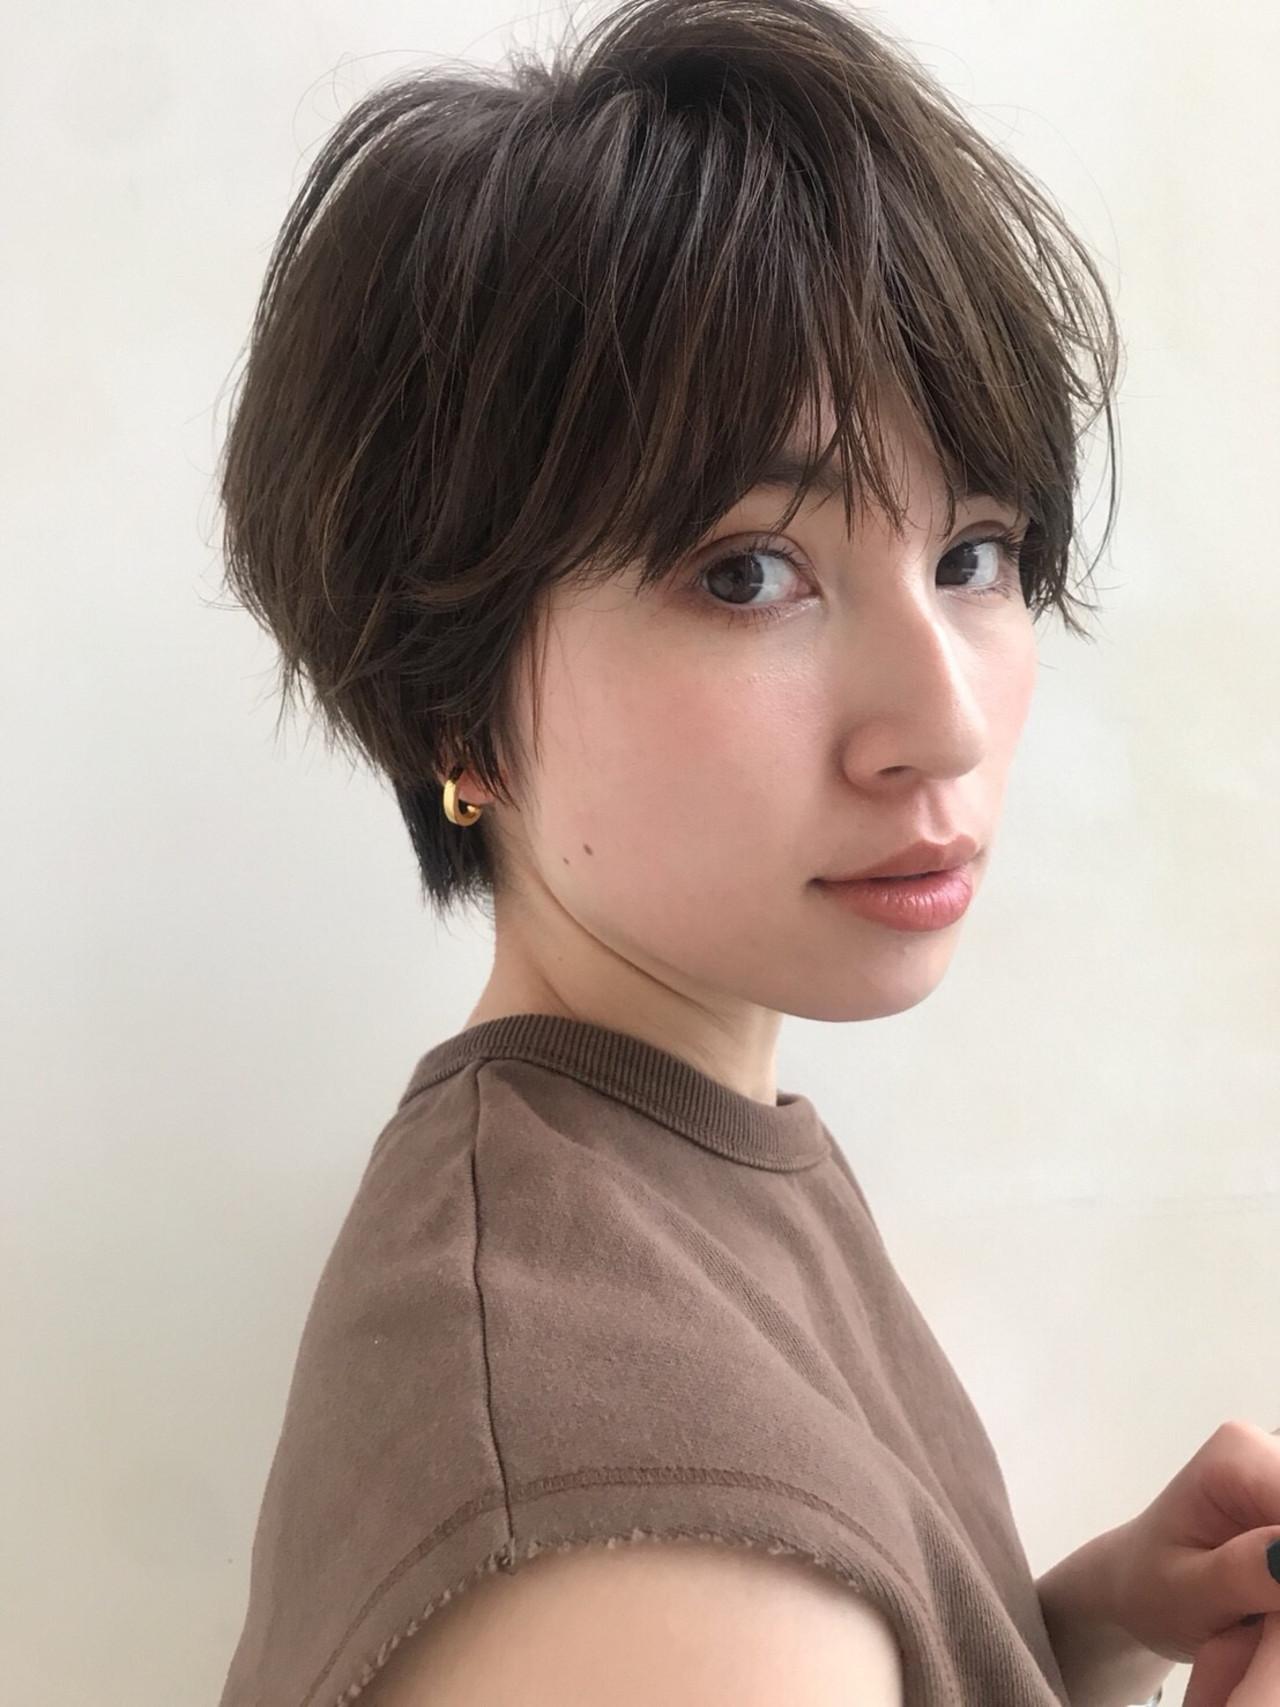 センターパート ナチュラル ハンサムショート ショート ヘアスタイルや髪型の写真・画像 | 菅沼宏恵 /